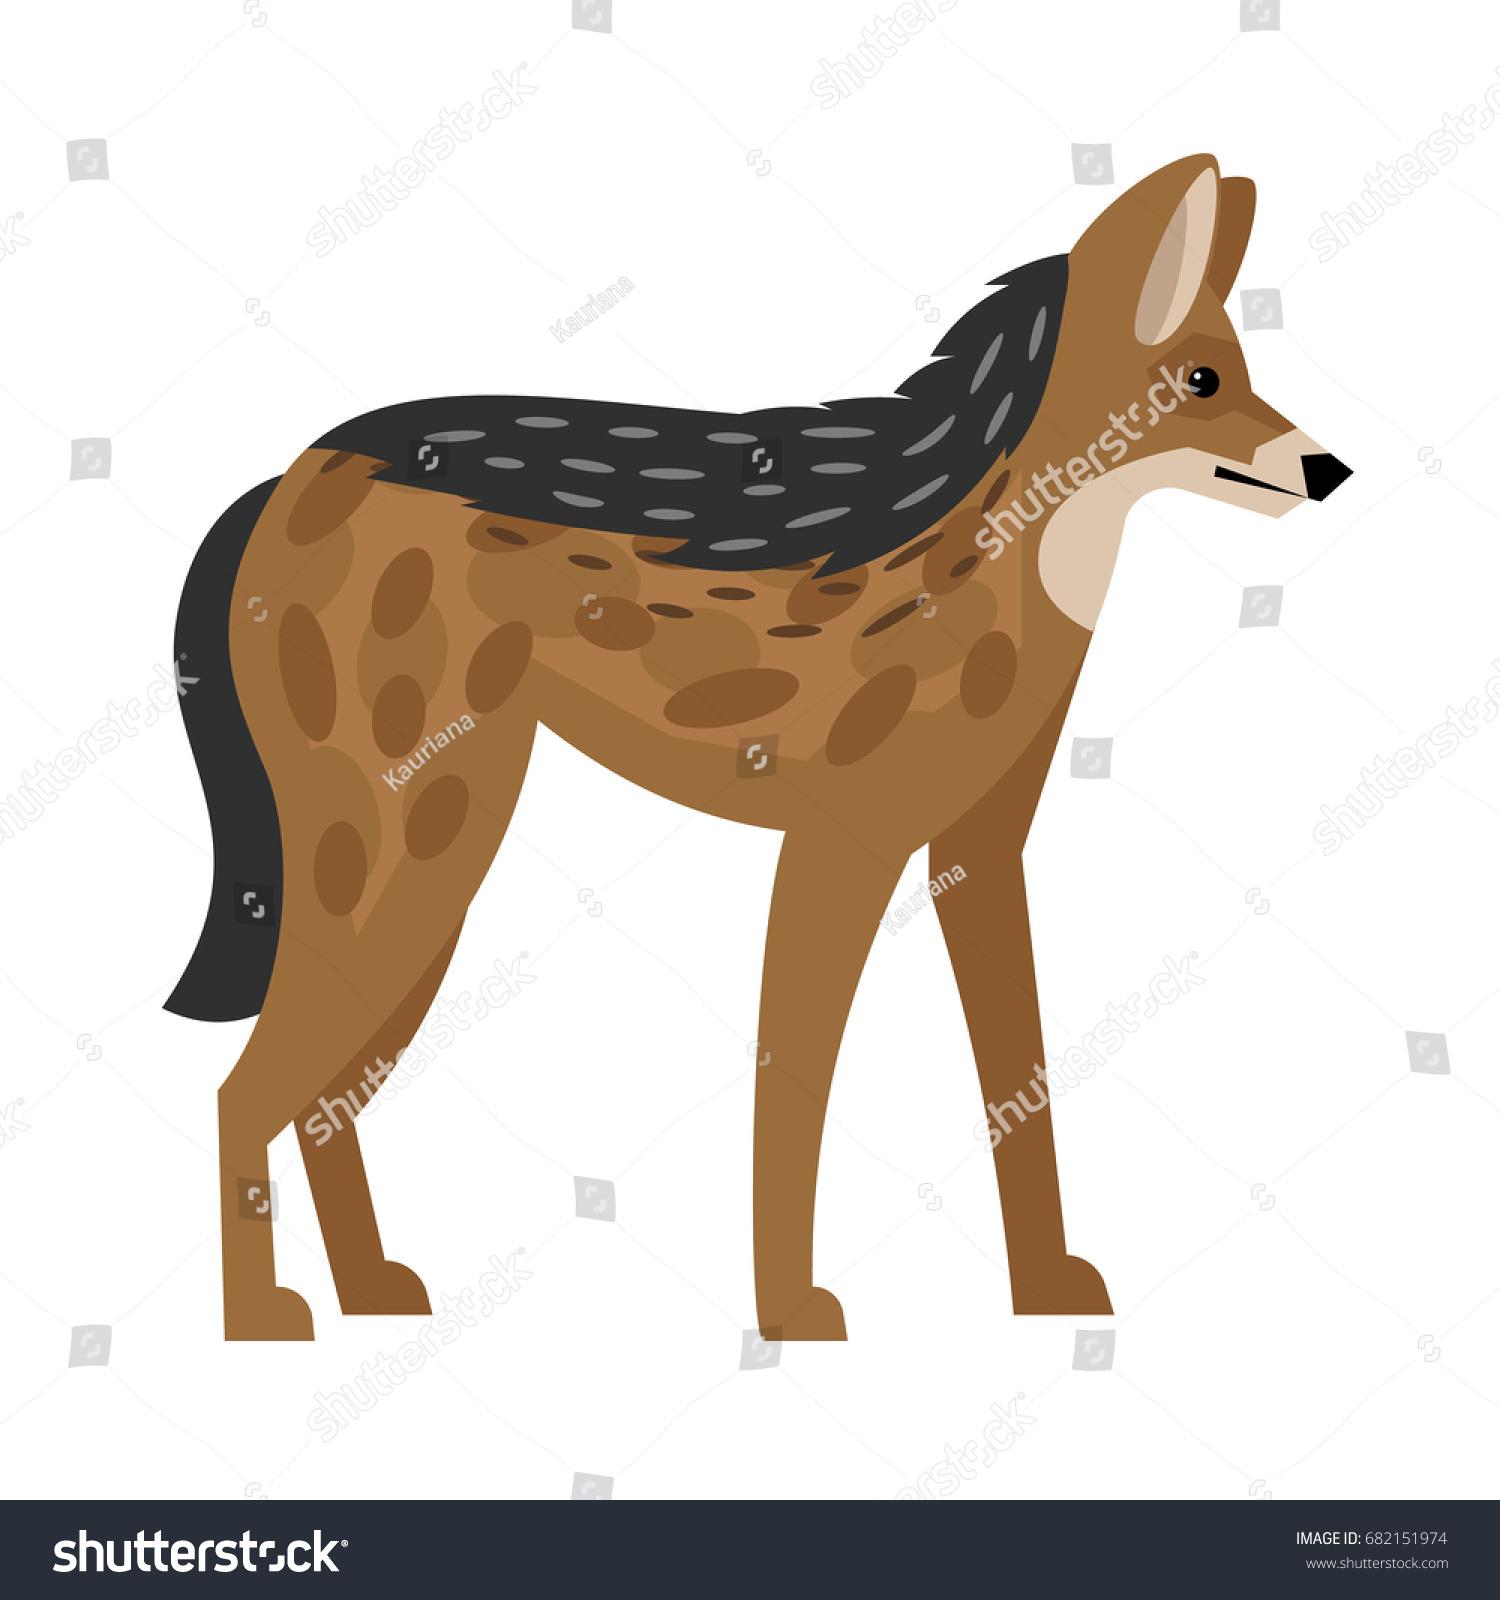 Jackal Widespread Animal Stock Vector Royalty Free 682151974